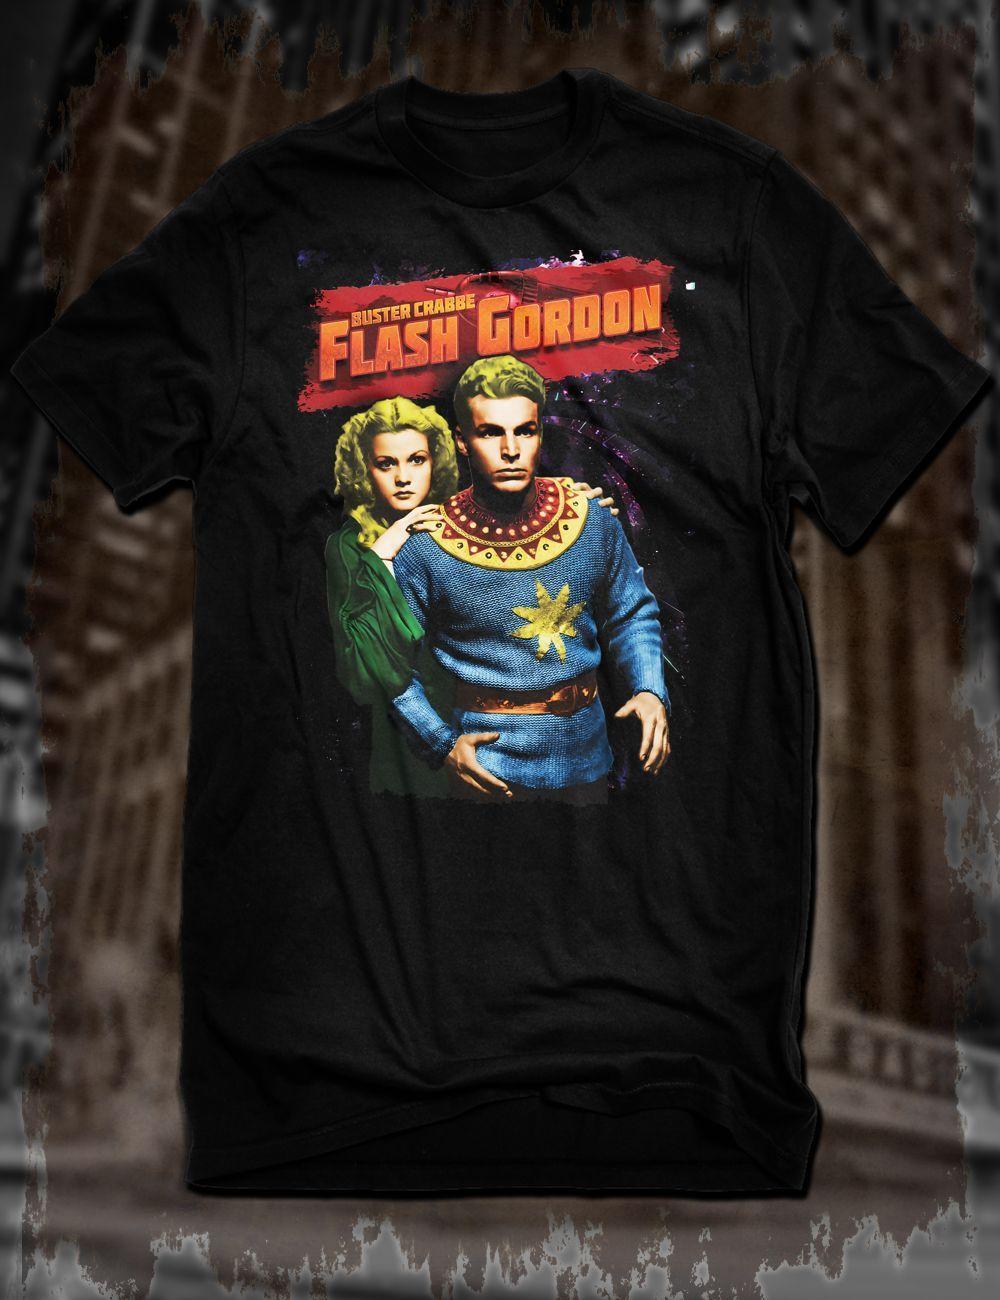 Compre New Black Buster Crabbe Flash Gordon Camiseta Sci Fi Tv Serial Ming Espaco Homens T Shirt Menor Preco 100 Algodao Jogo Camisa De Wattystore 133 63 Pt Dhgate Com